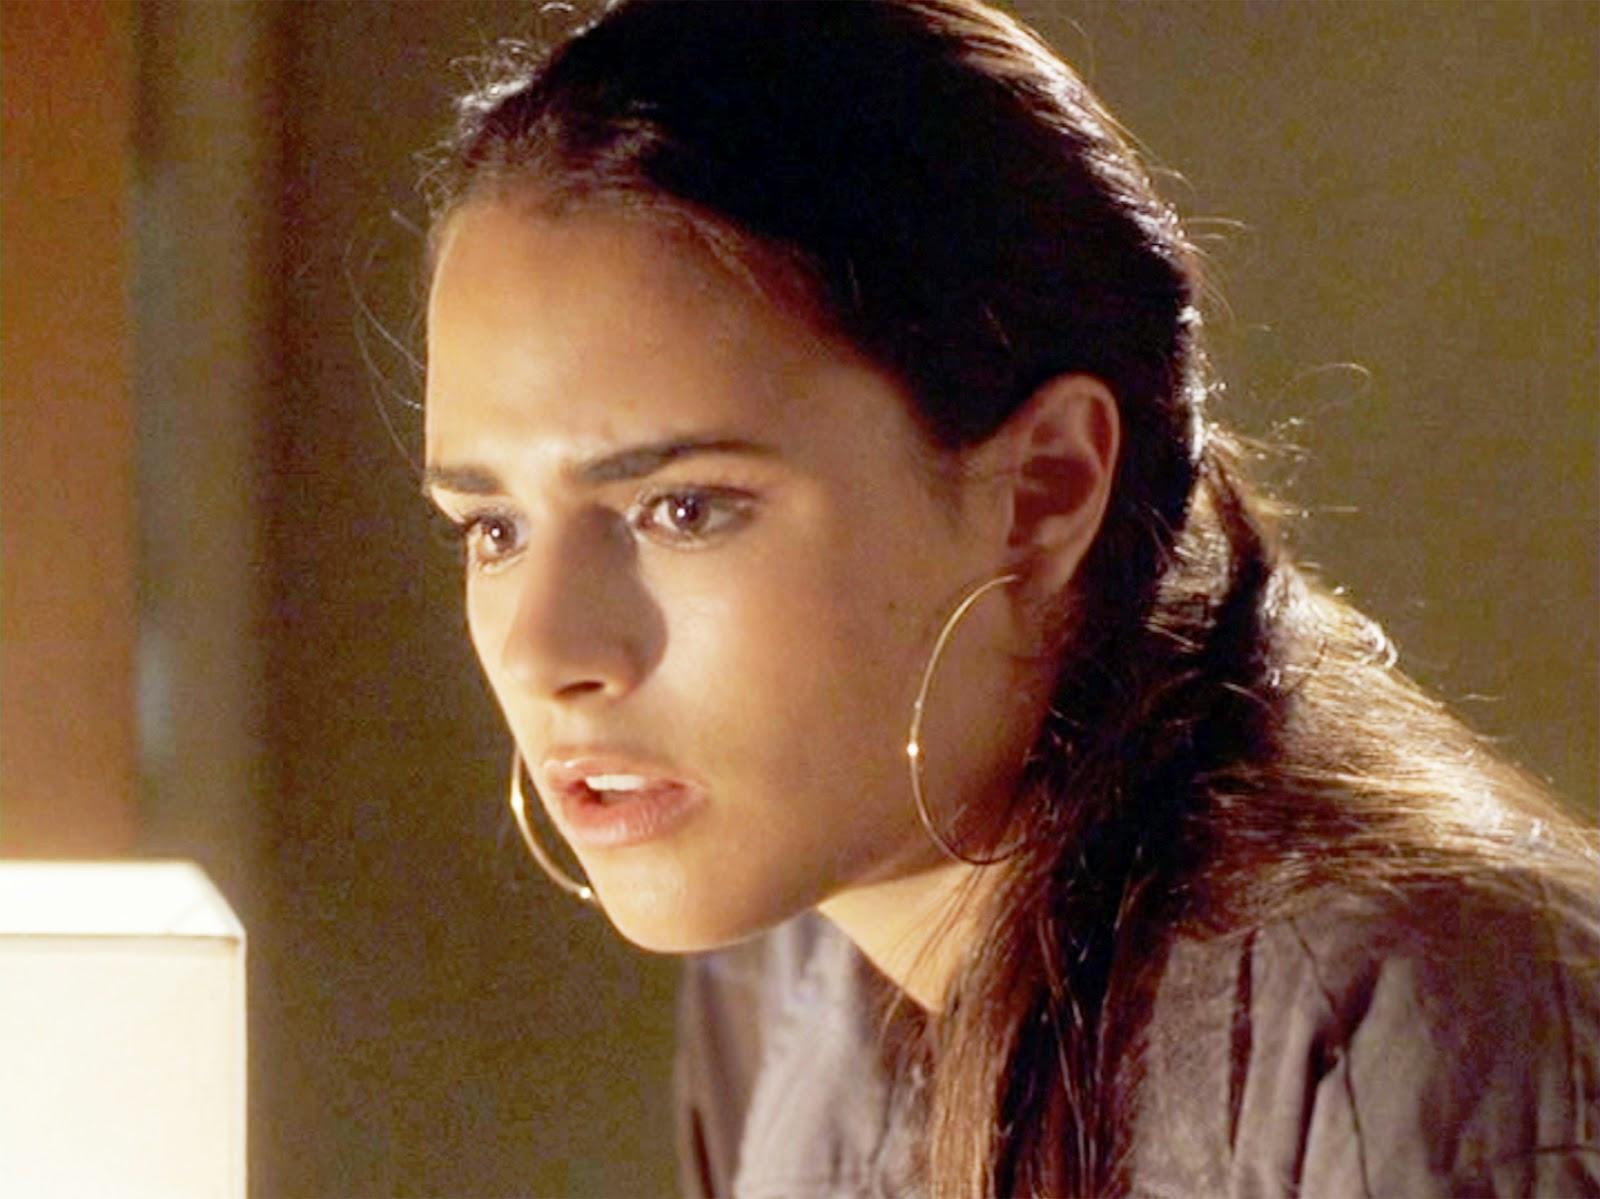 Mia Toretto 2001